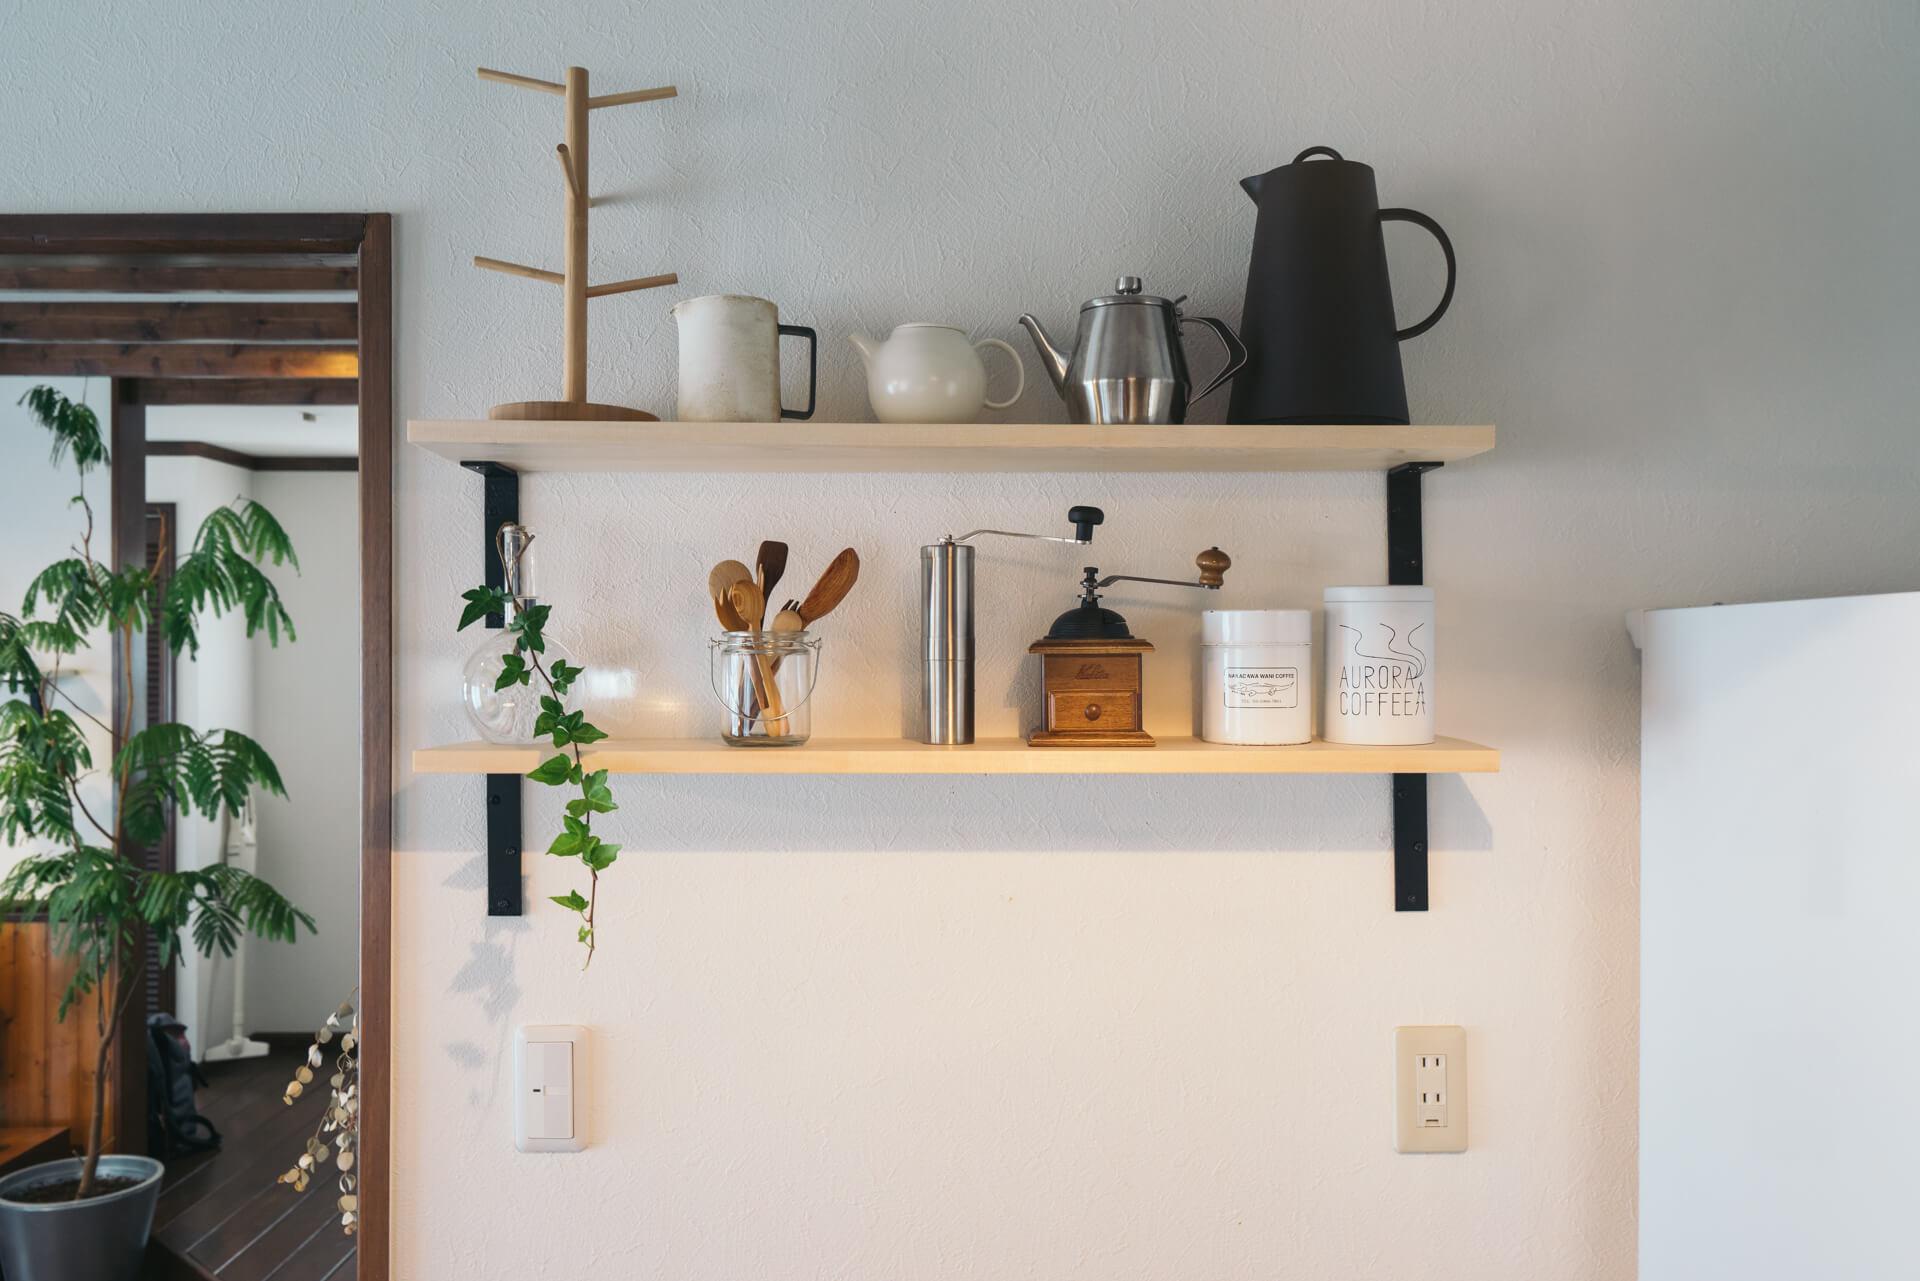 キッチン背面の棚には、お茶やコーヒーの道具がセンスよく並びます。